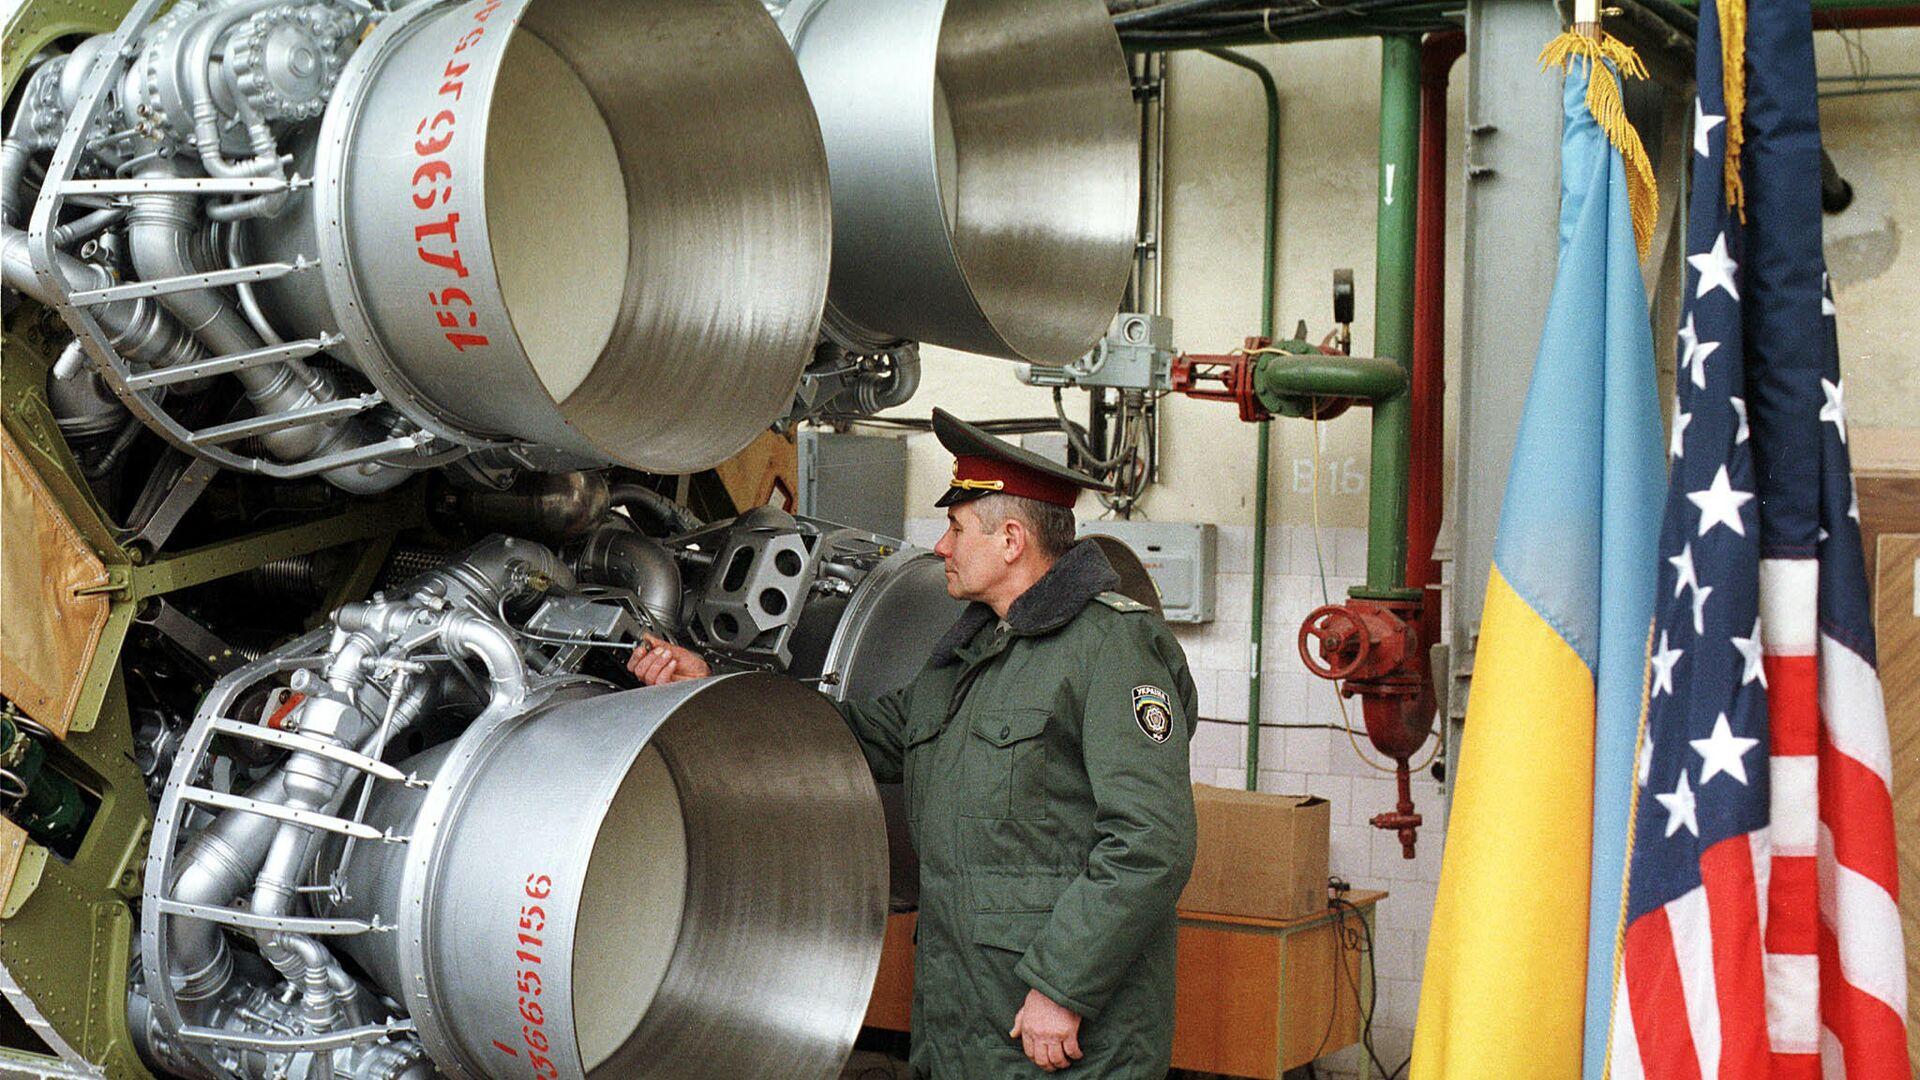 Украинский военный осматривает ракету SS-19 перед ее демонтажем в рамках договора об уменьшении ядерного вооружения. Днепропетровск, Украина. 1999 год - РИА Новости, 1920, 29.04.2021